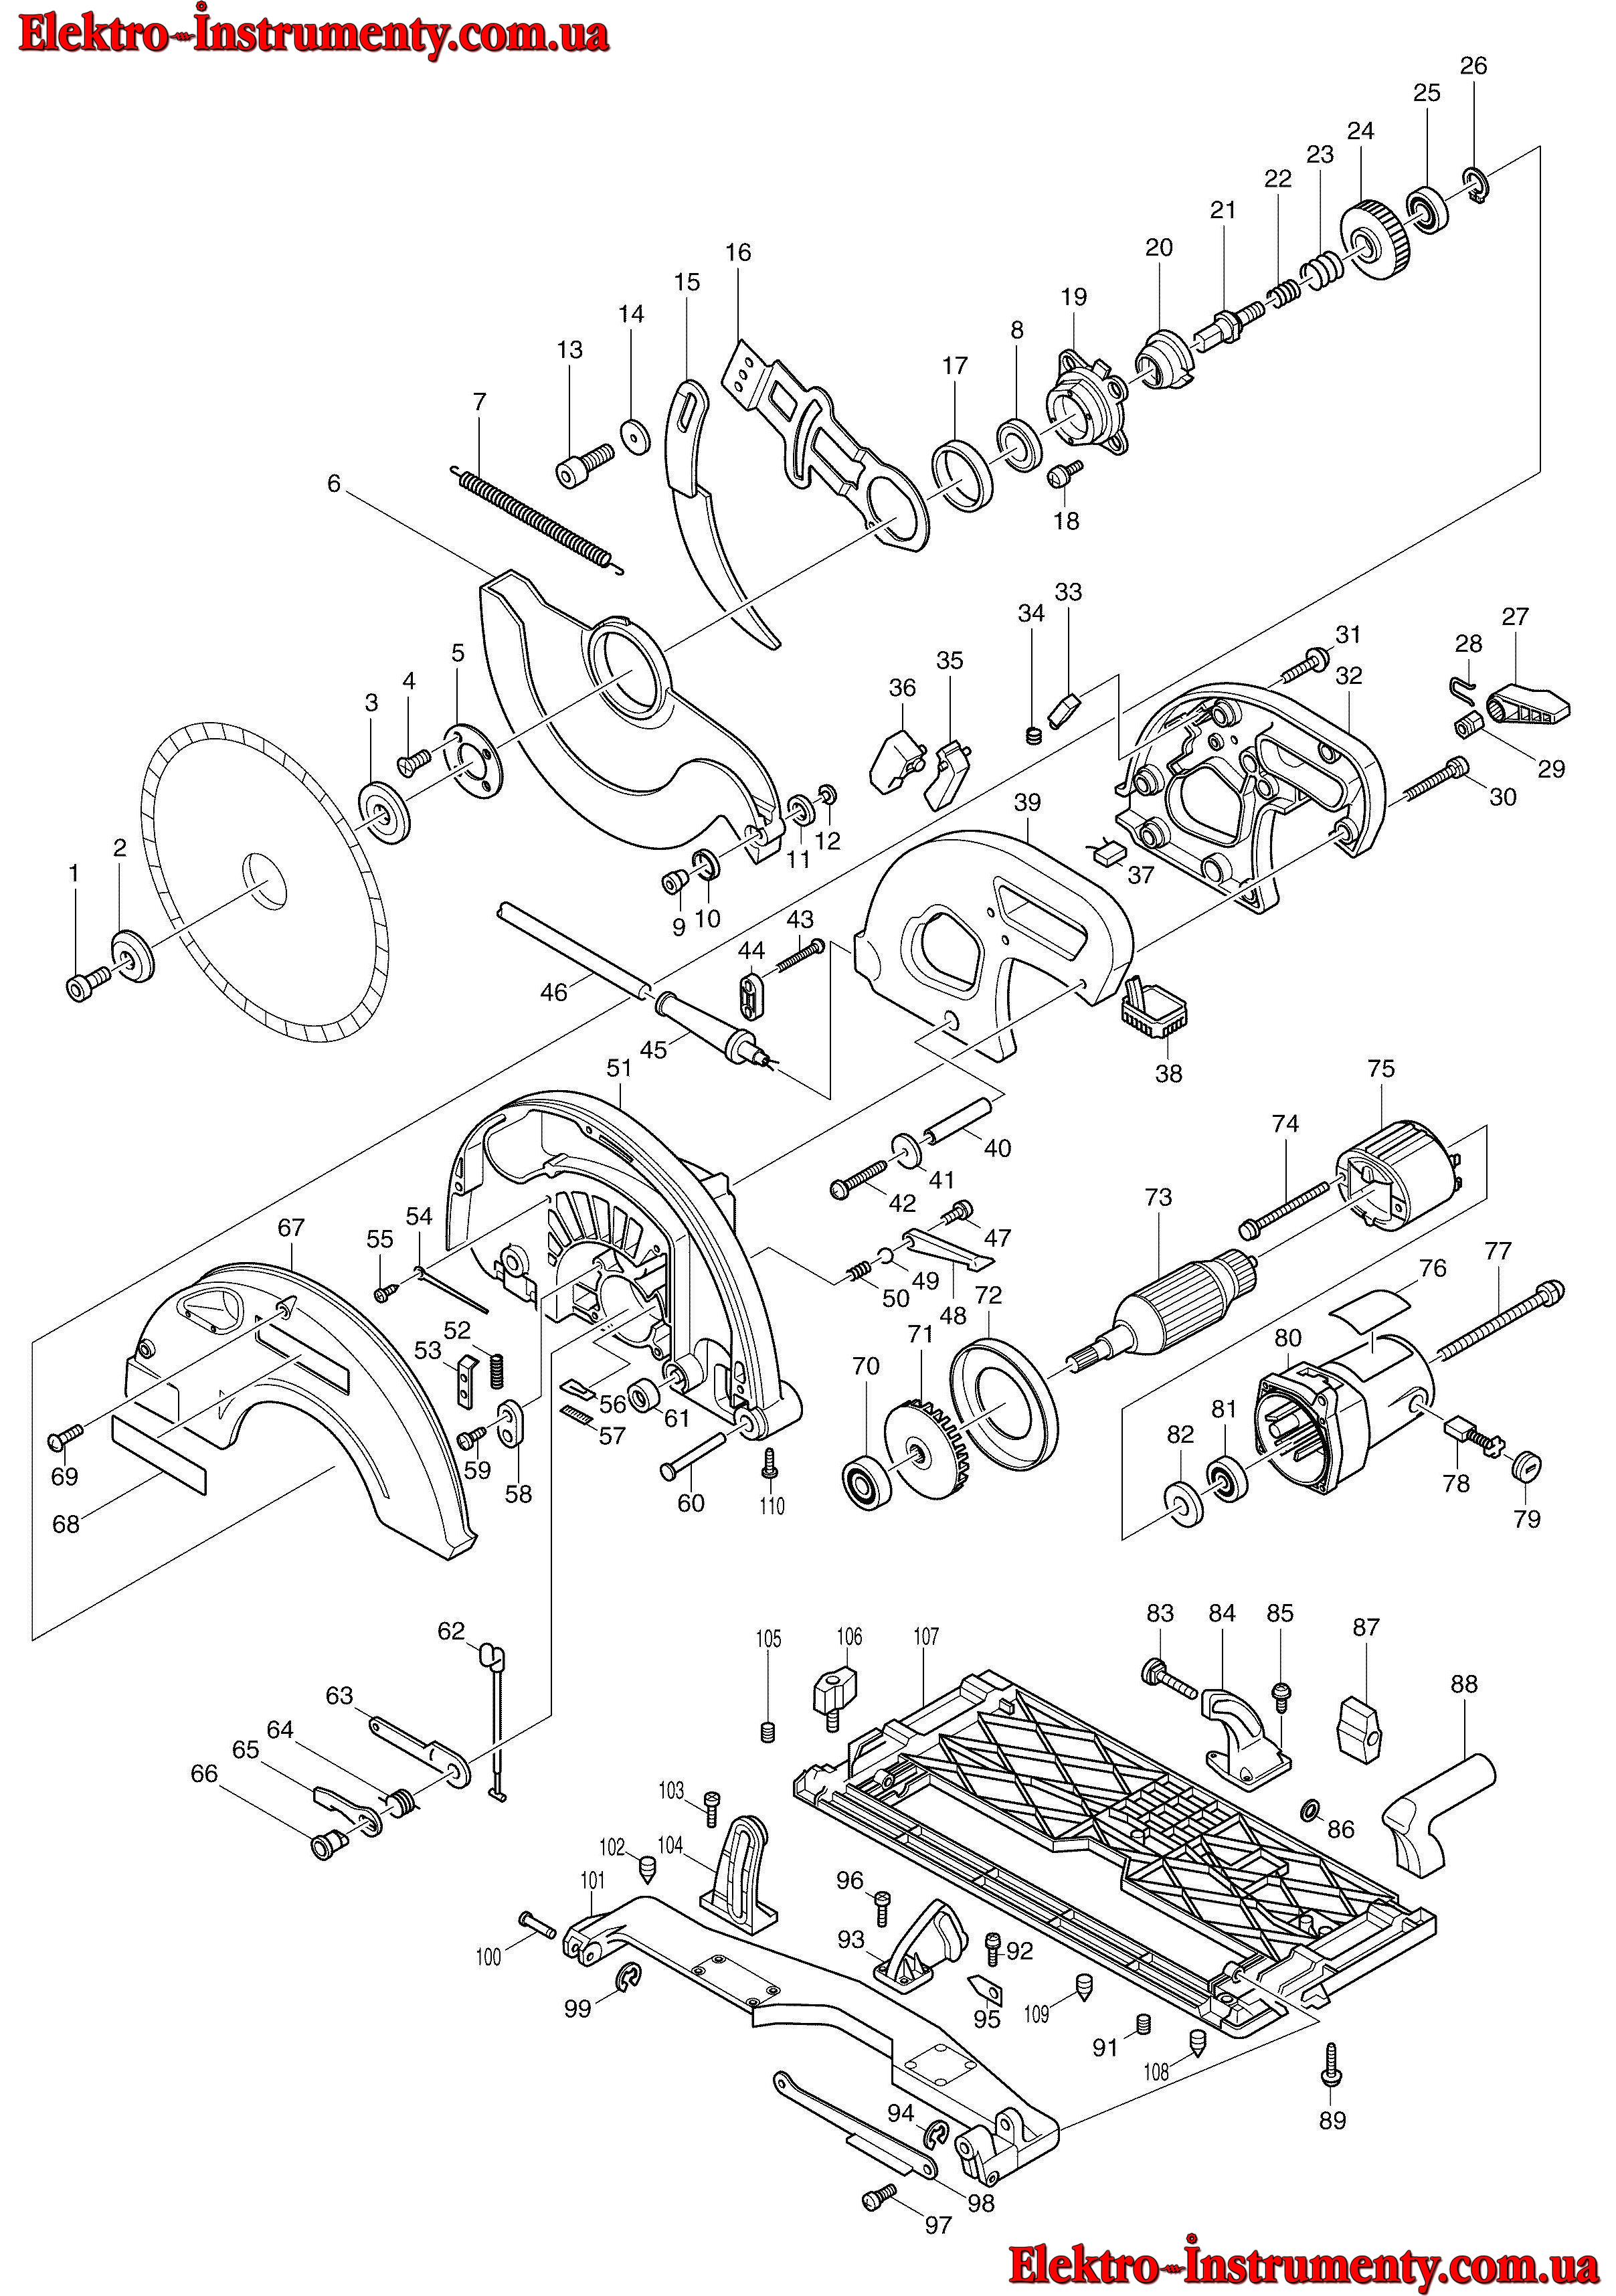 Схема ручной циркулярной пилы